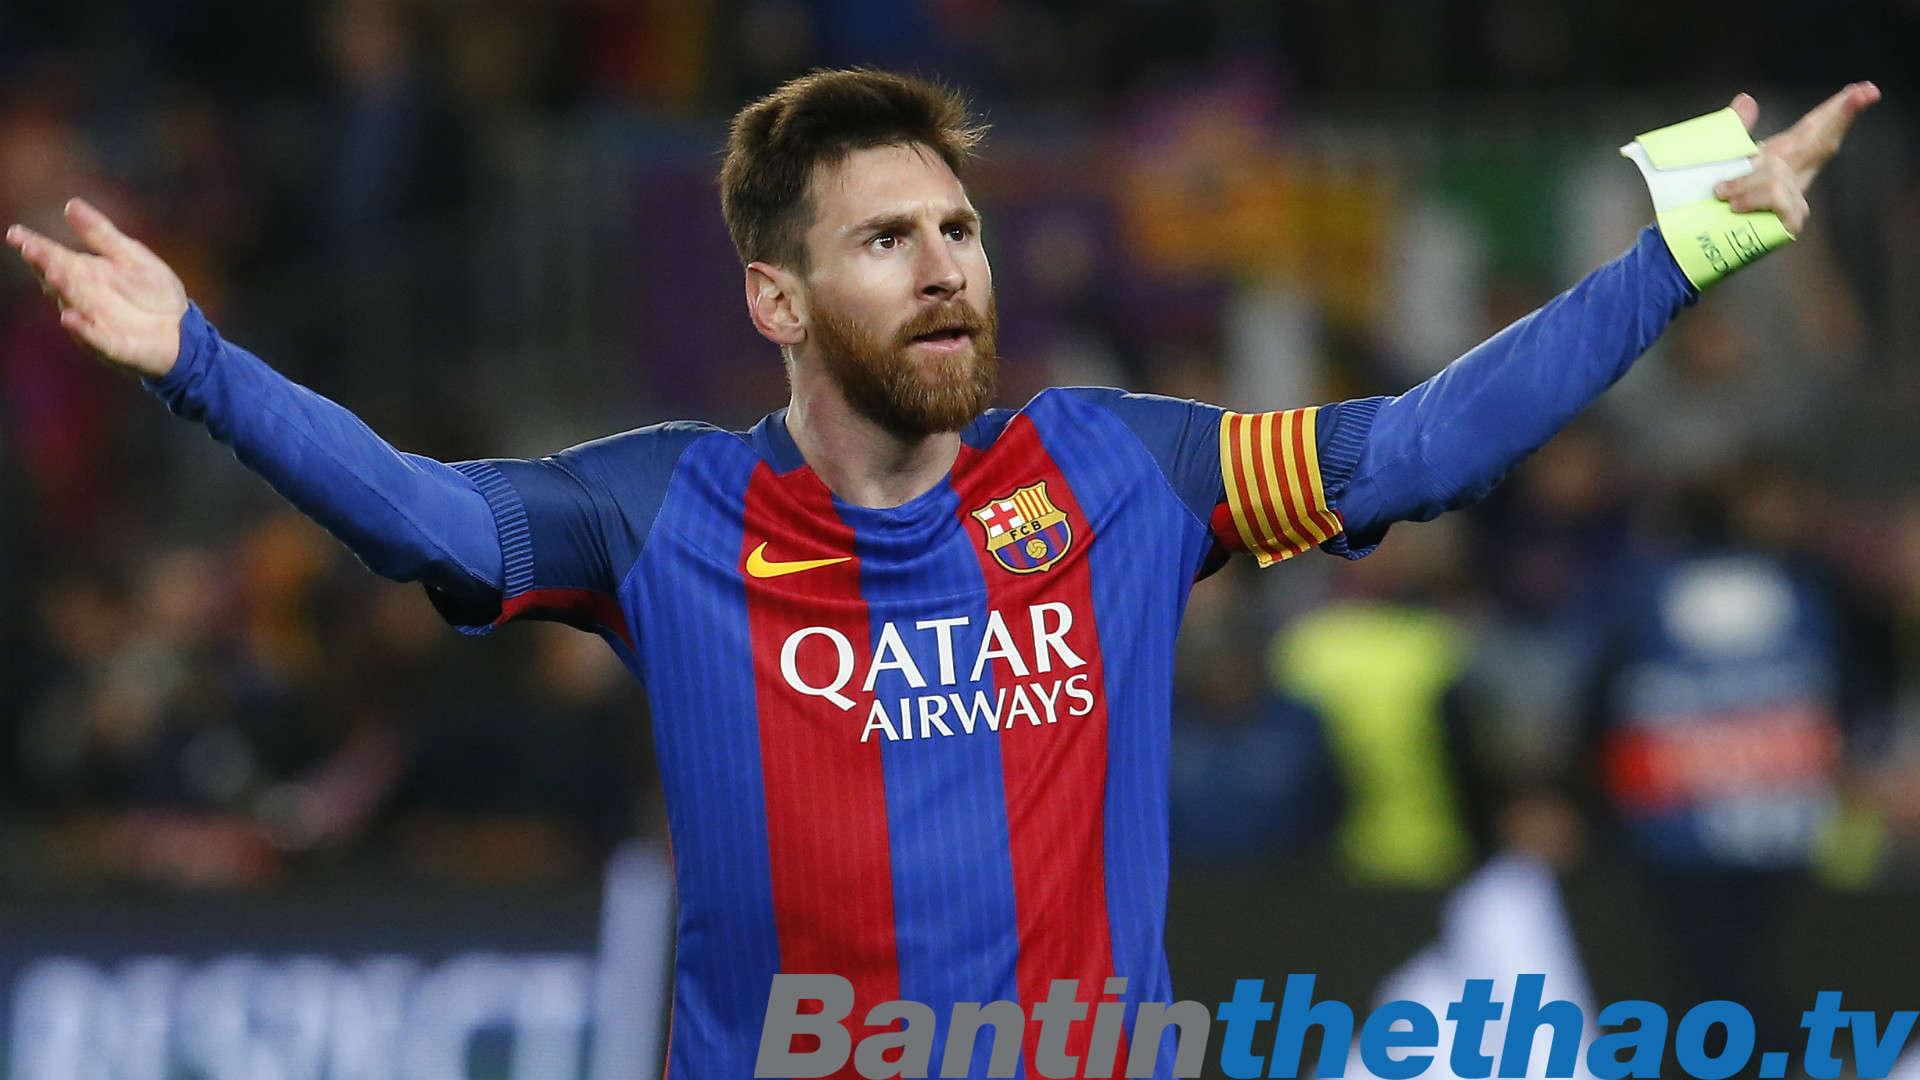 Sergio Aguero cho rằng Messi là biểu tượng của Barca và rất khó để Man City có thể mua được anh